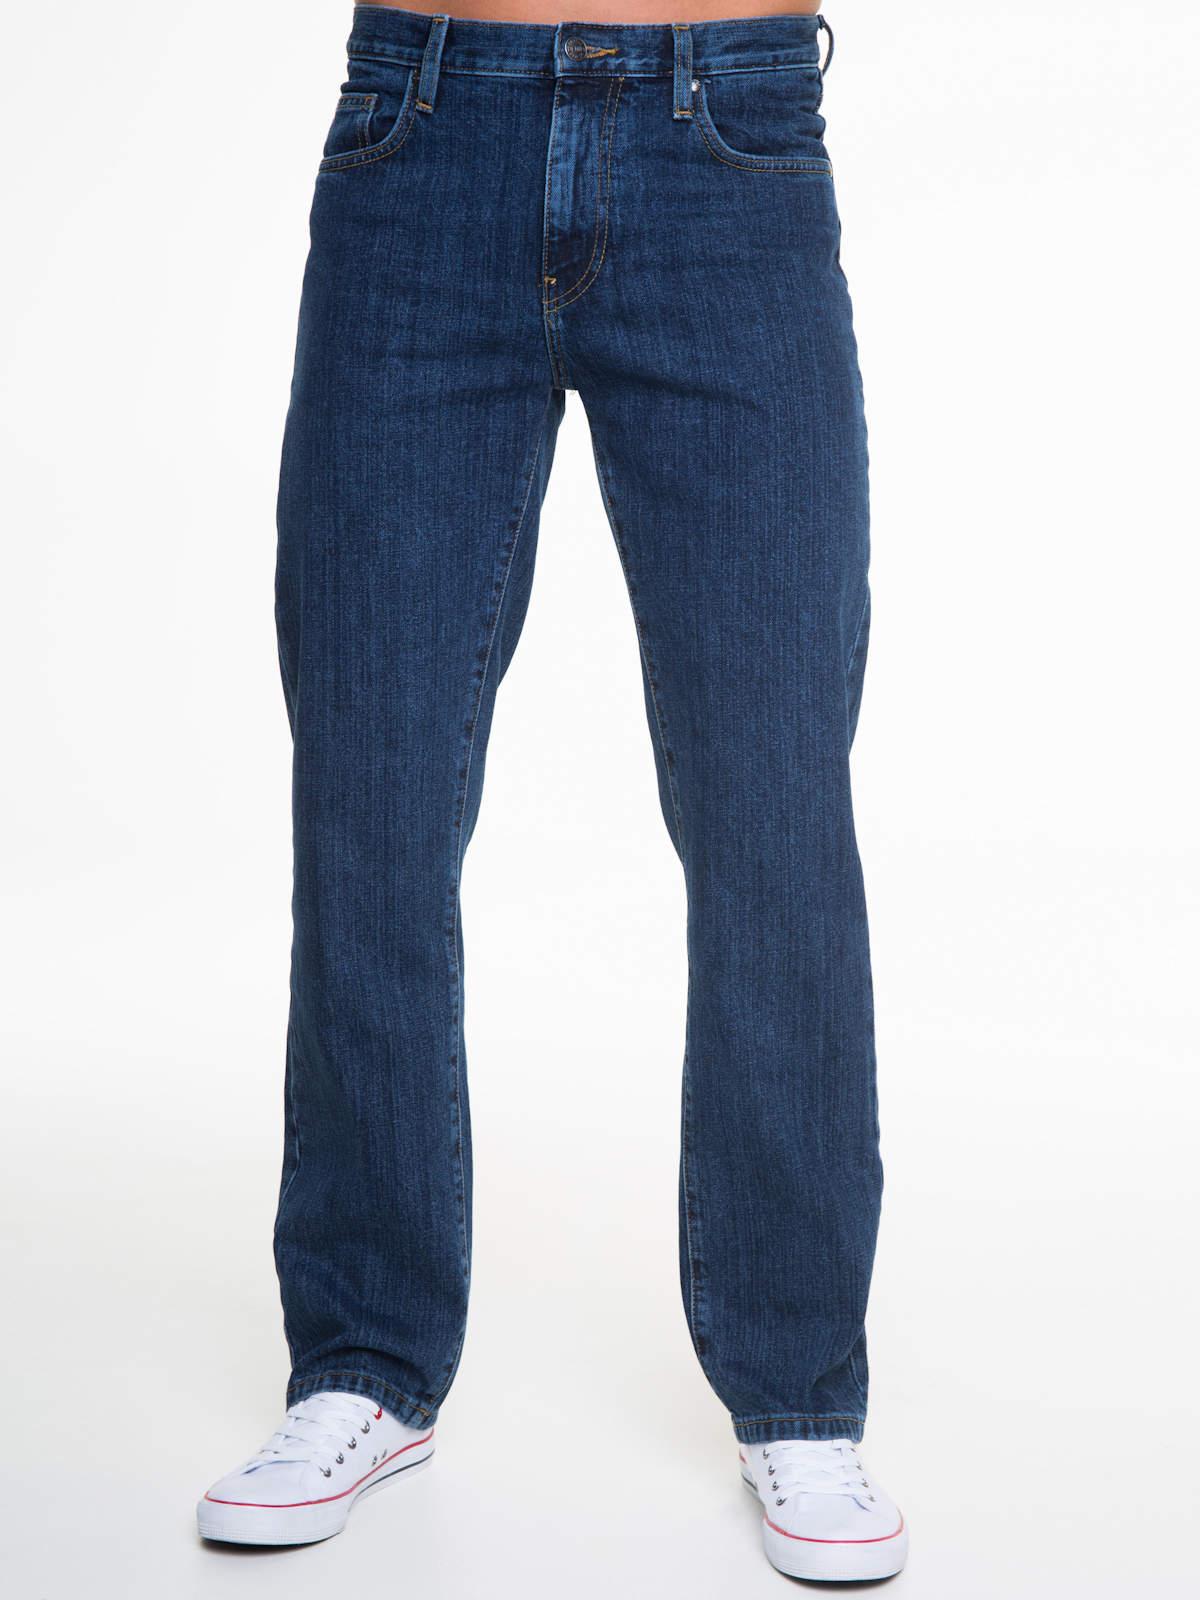 Big-Star-Jeans-Colt-497-Regular-Fit-Herren-Hose-Straight-Leg-Medium-Denim-NEU Indexbild 14